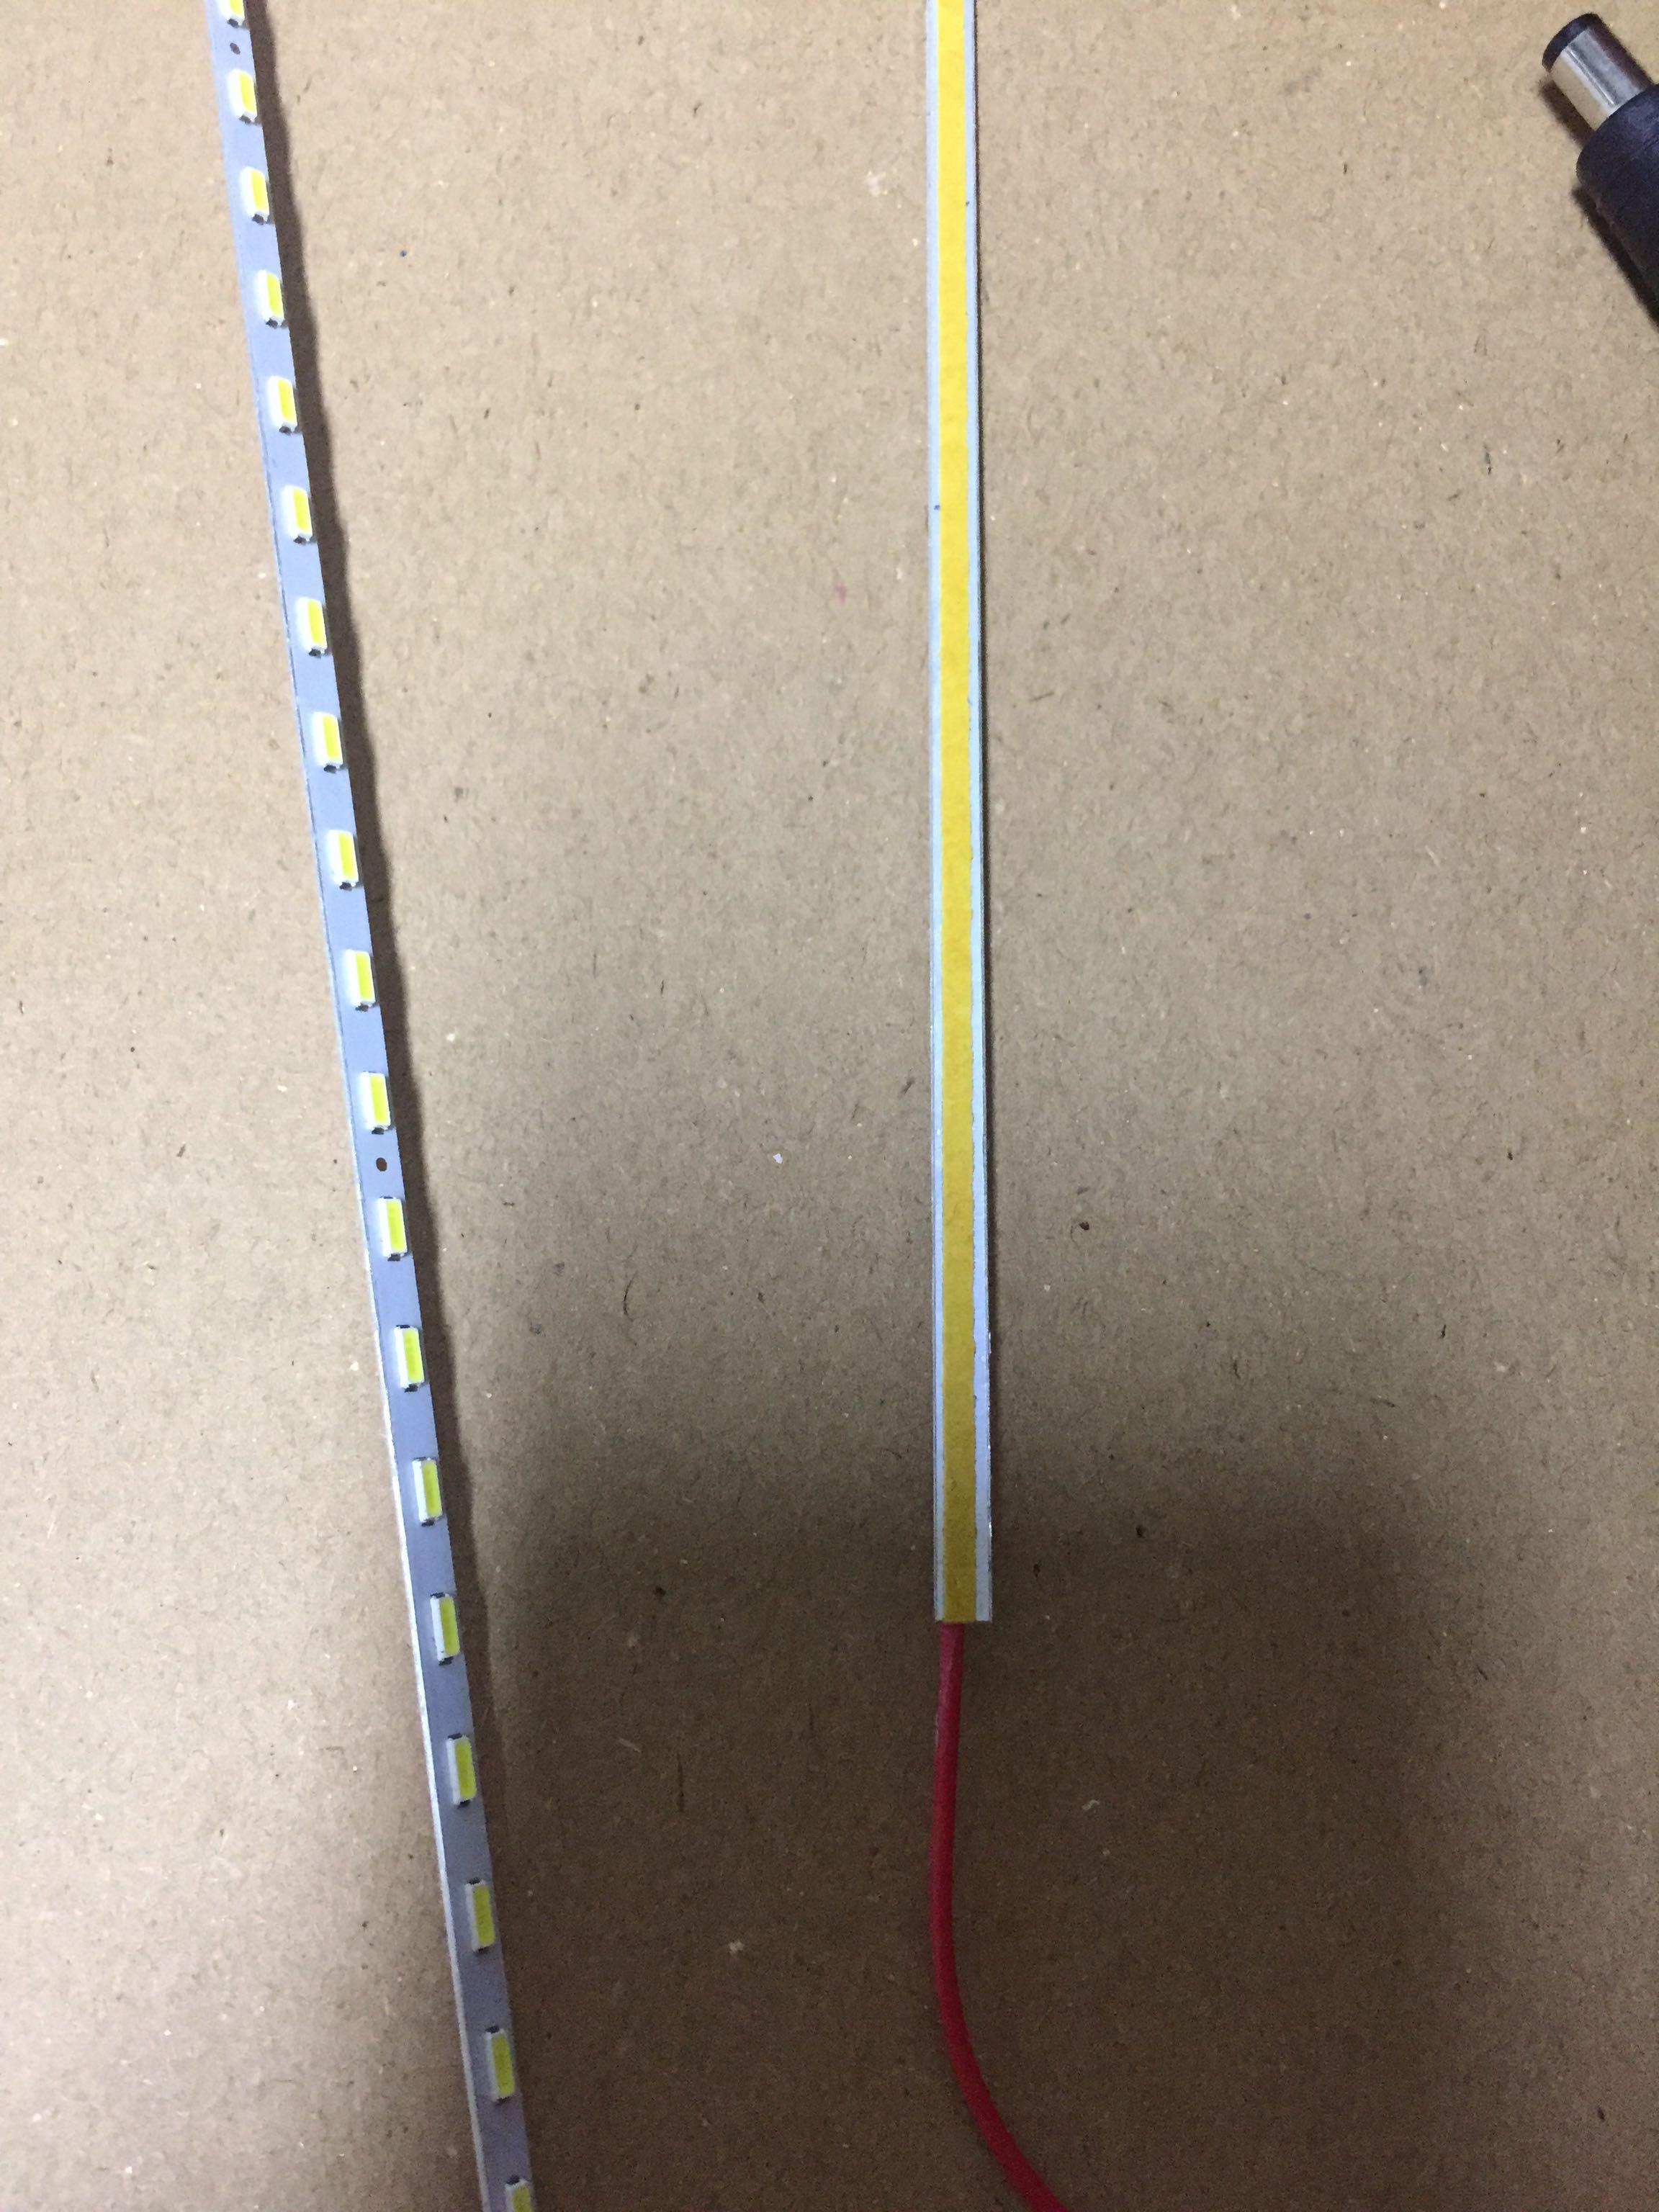 120 60 30 30 1200 600 300 300 工程灯平板灯灯条 LED 集成吊顶